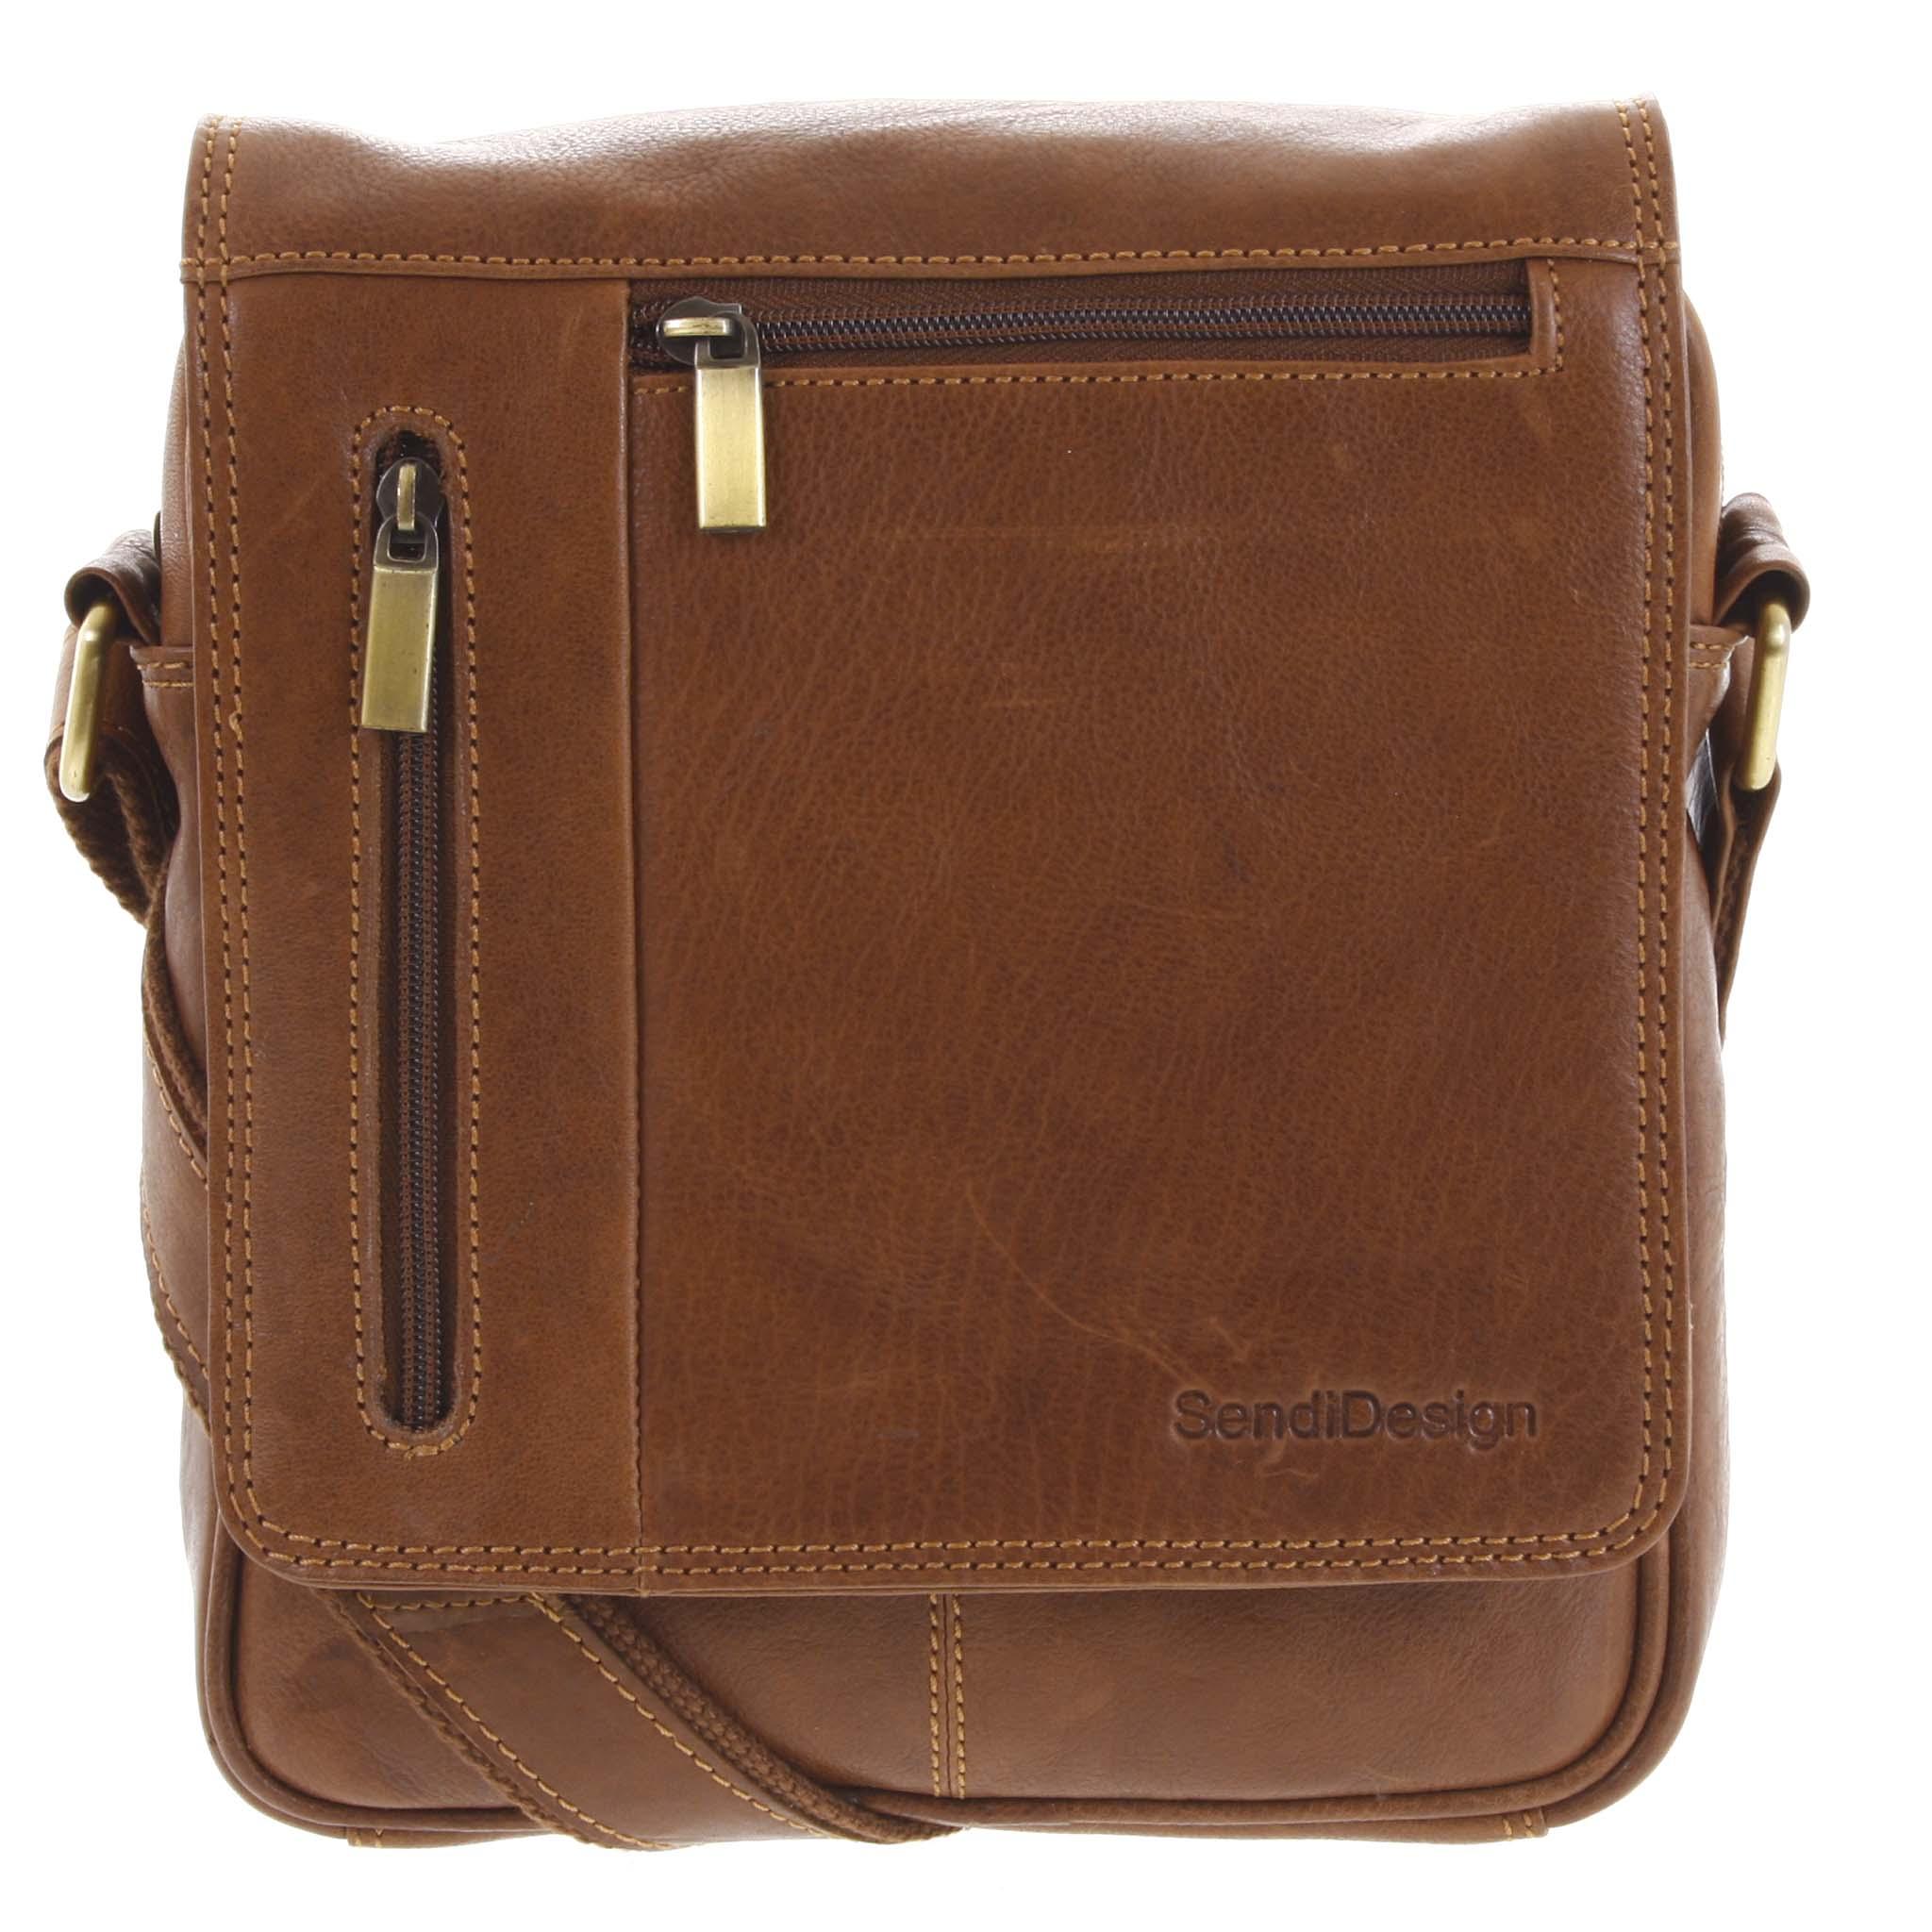 Levně Pánská kožená taška přes rameno hnědá - SendiDesign Thoreau